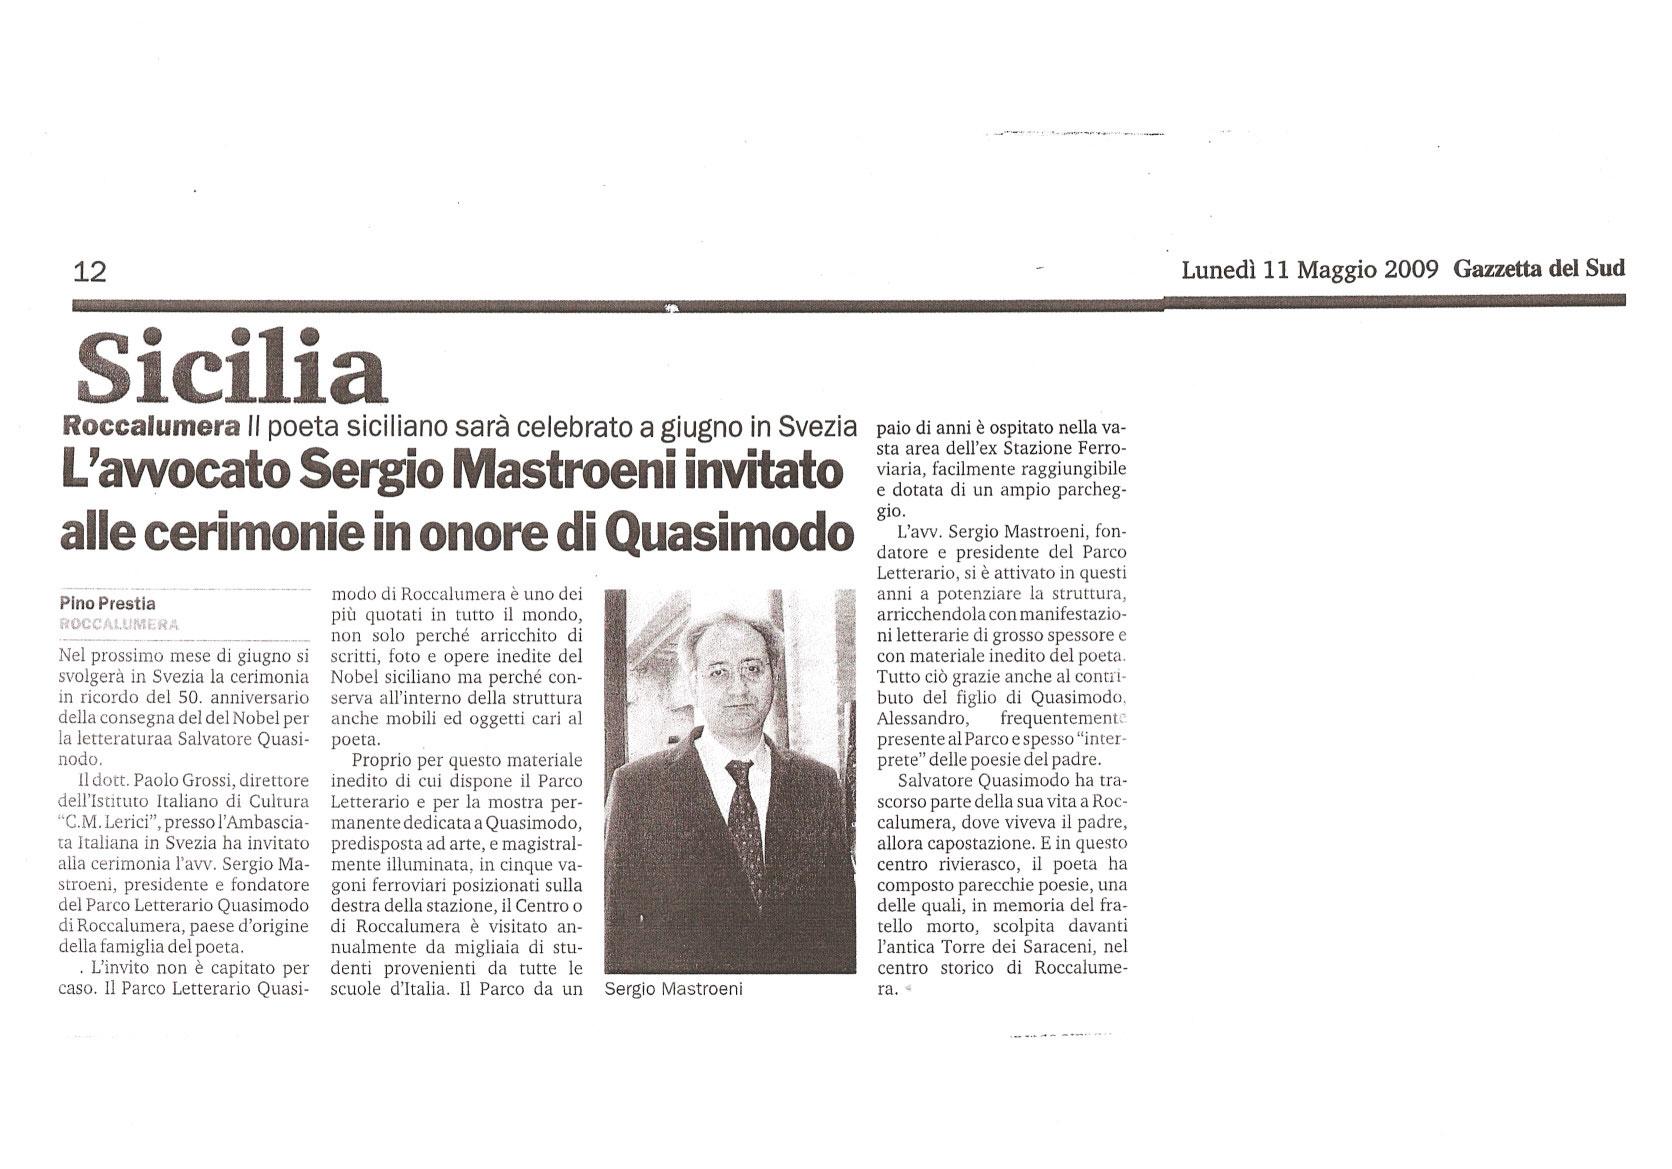 Articolo-Gazzetta-11